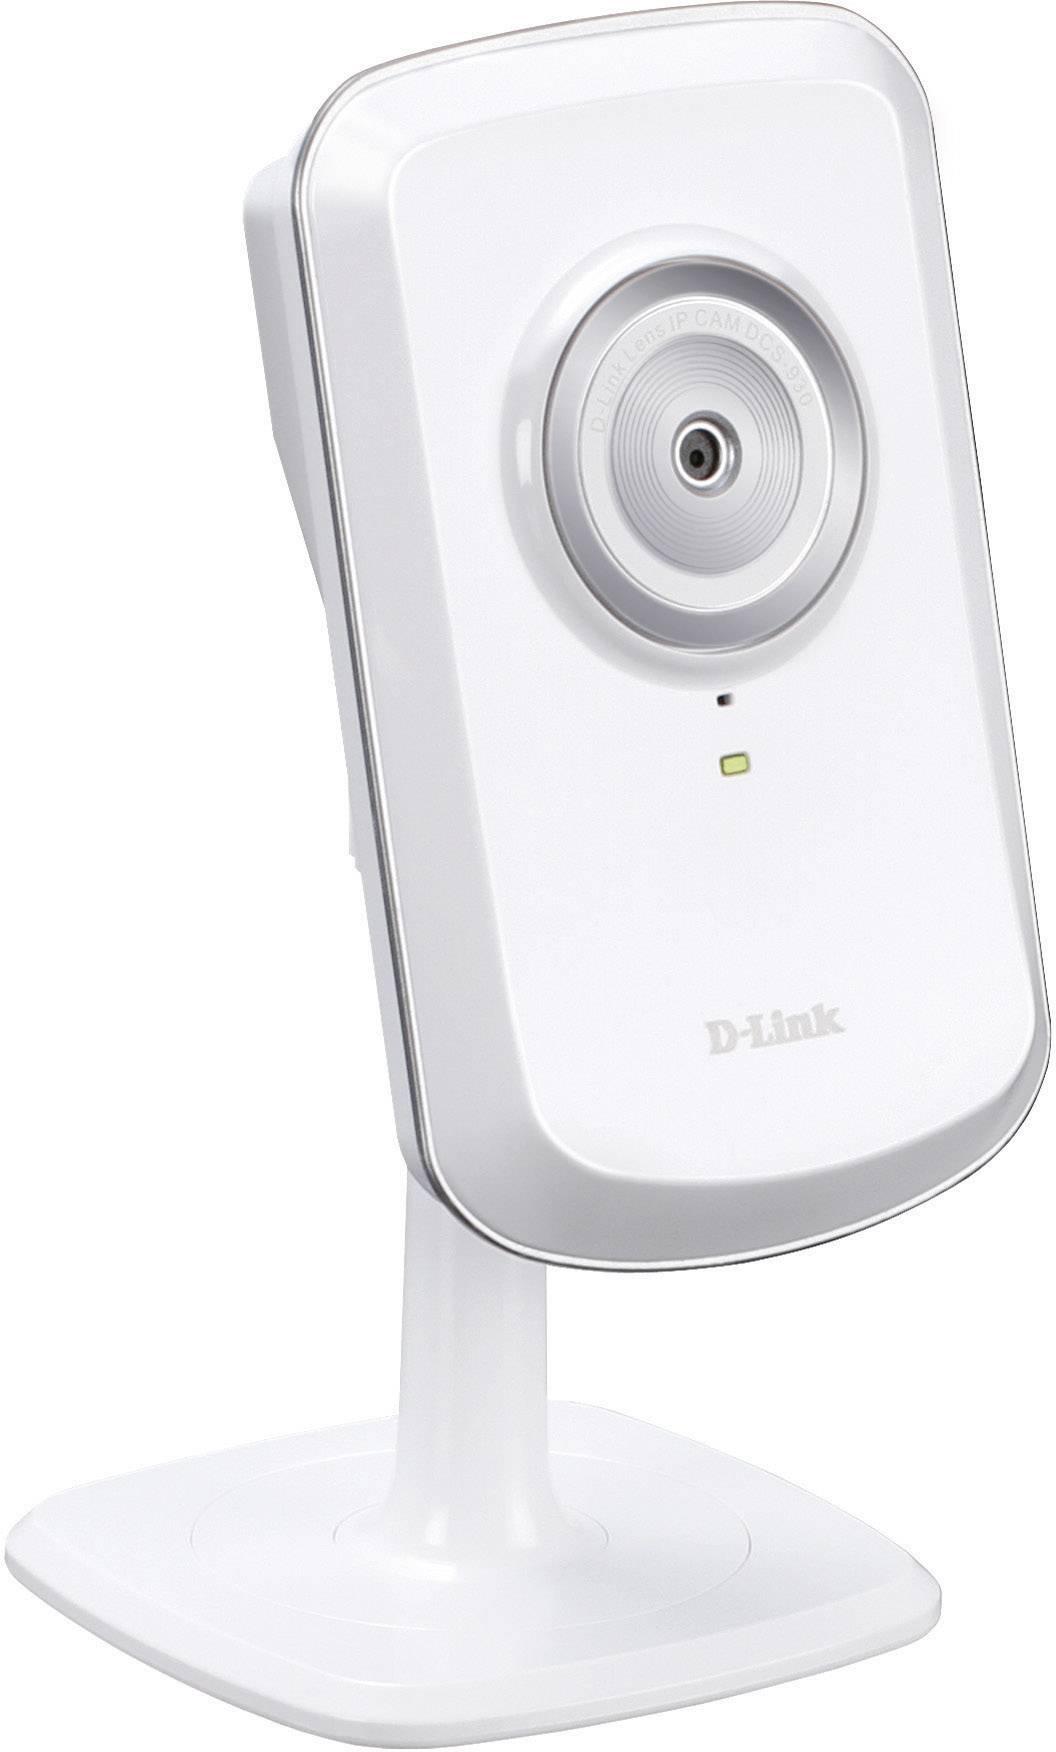 Bezdrôtová bezpečnostná IP kamera D-Link DCS-930L, 640 x 480 px